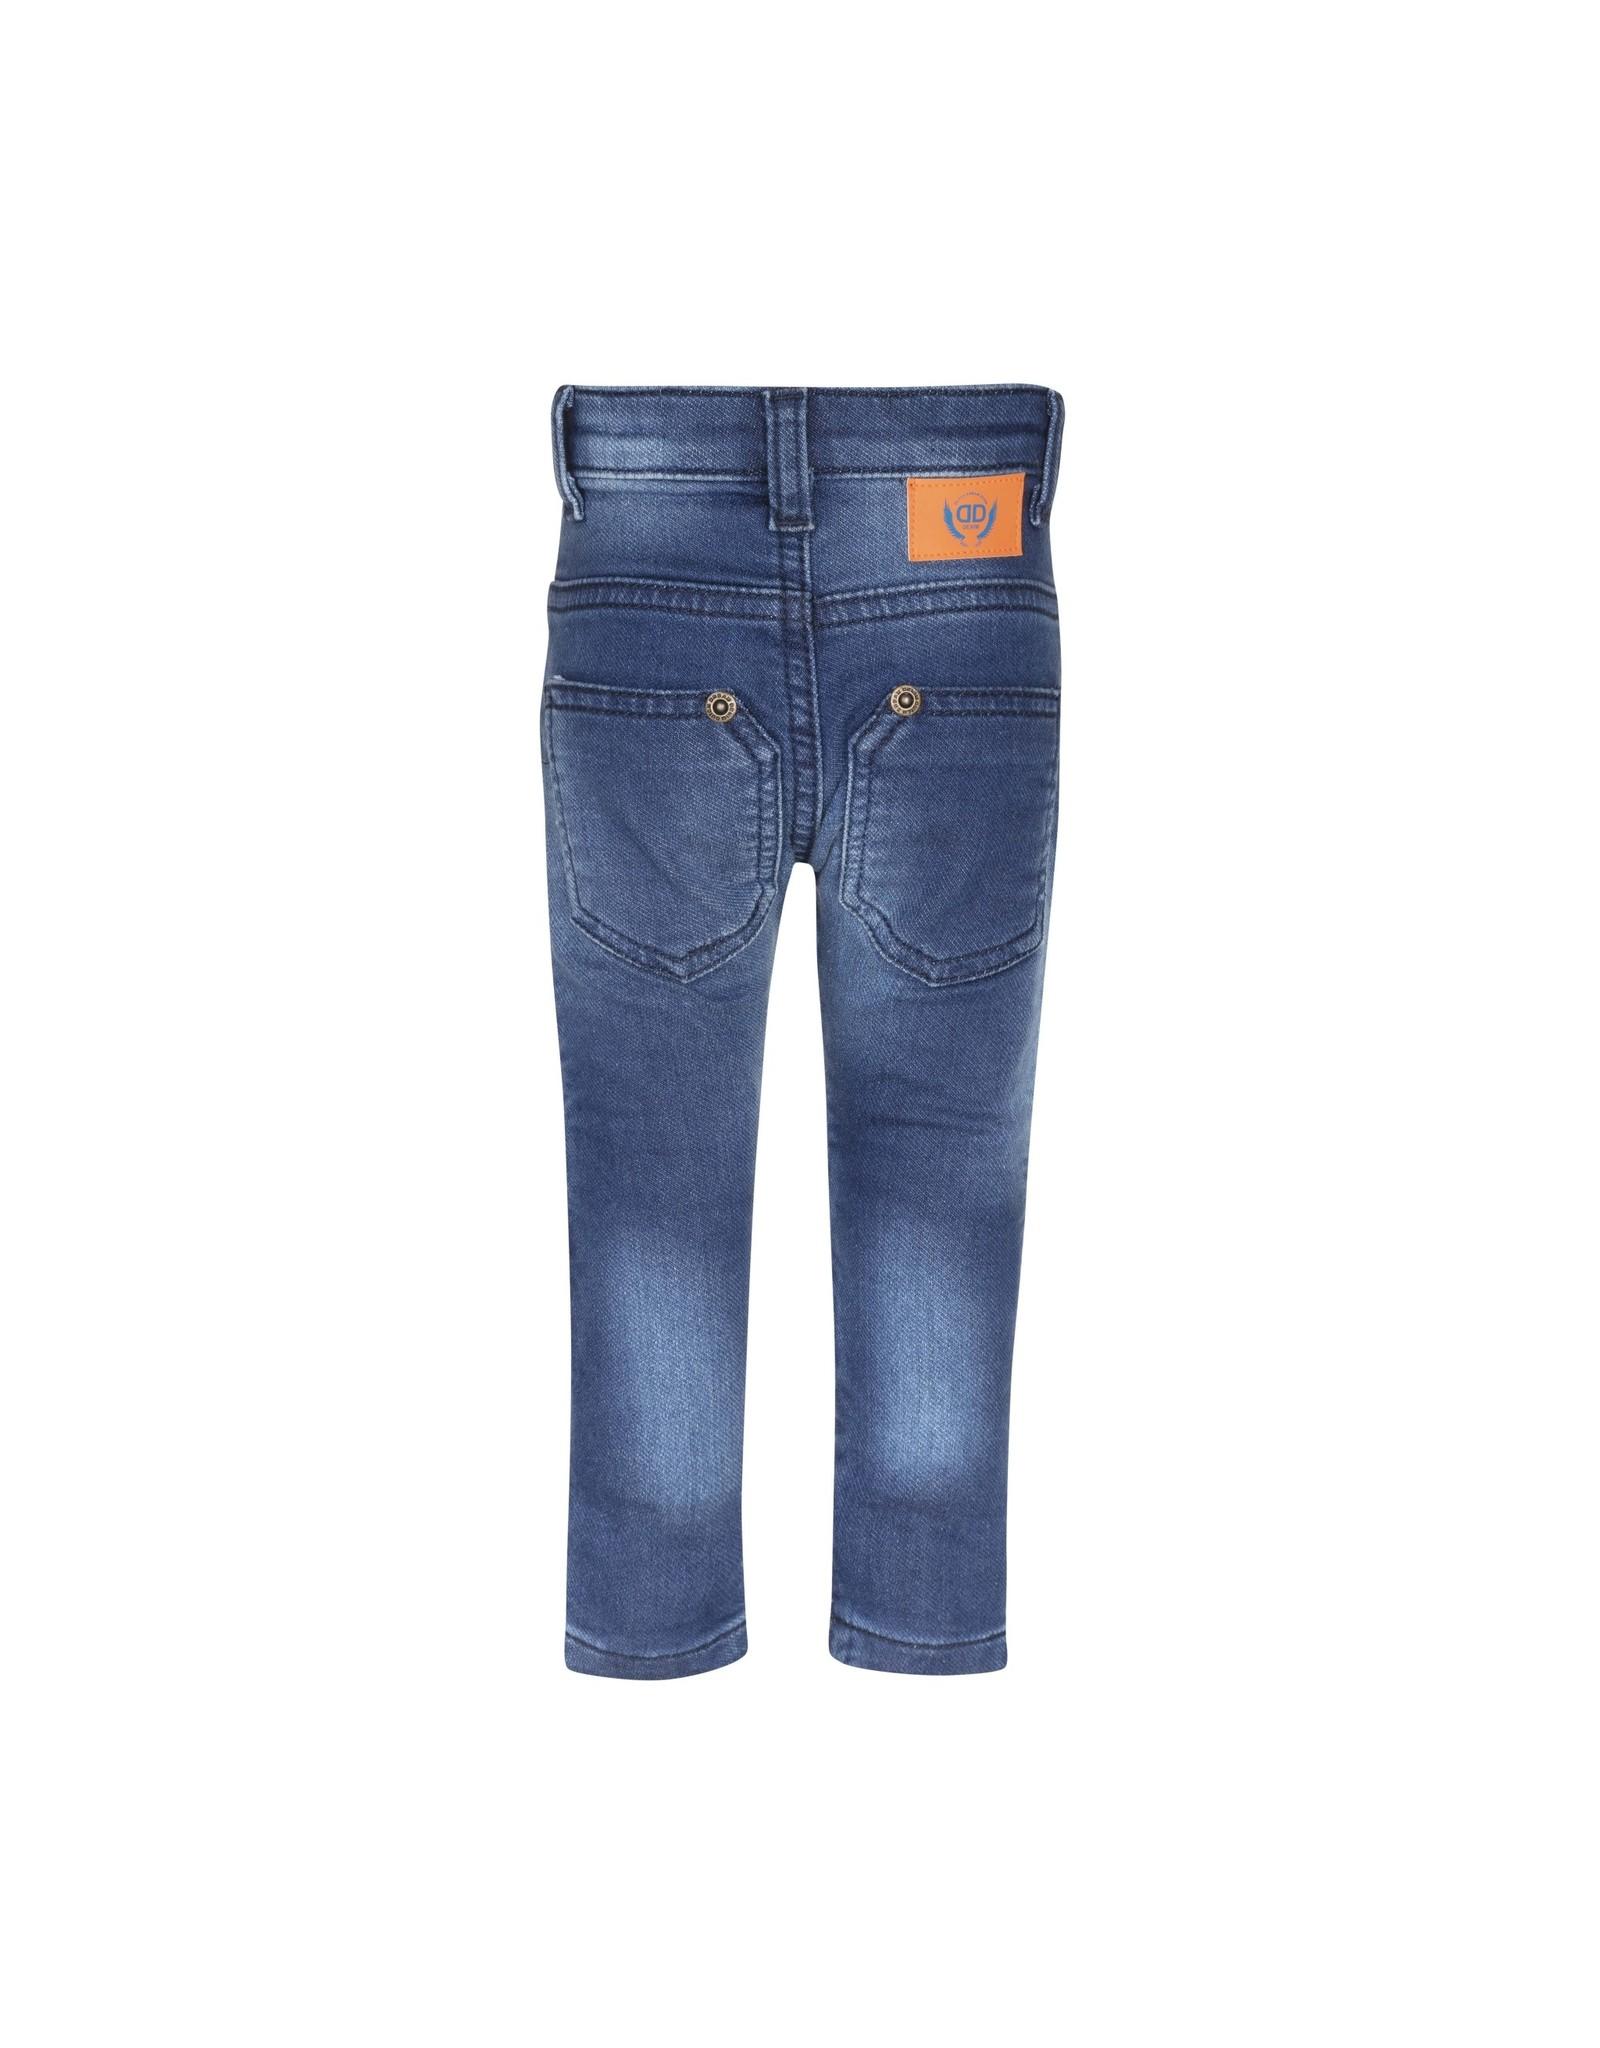 DDD DDD baby jongens jeans Mzizi